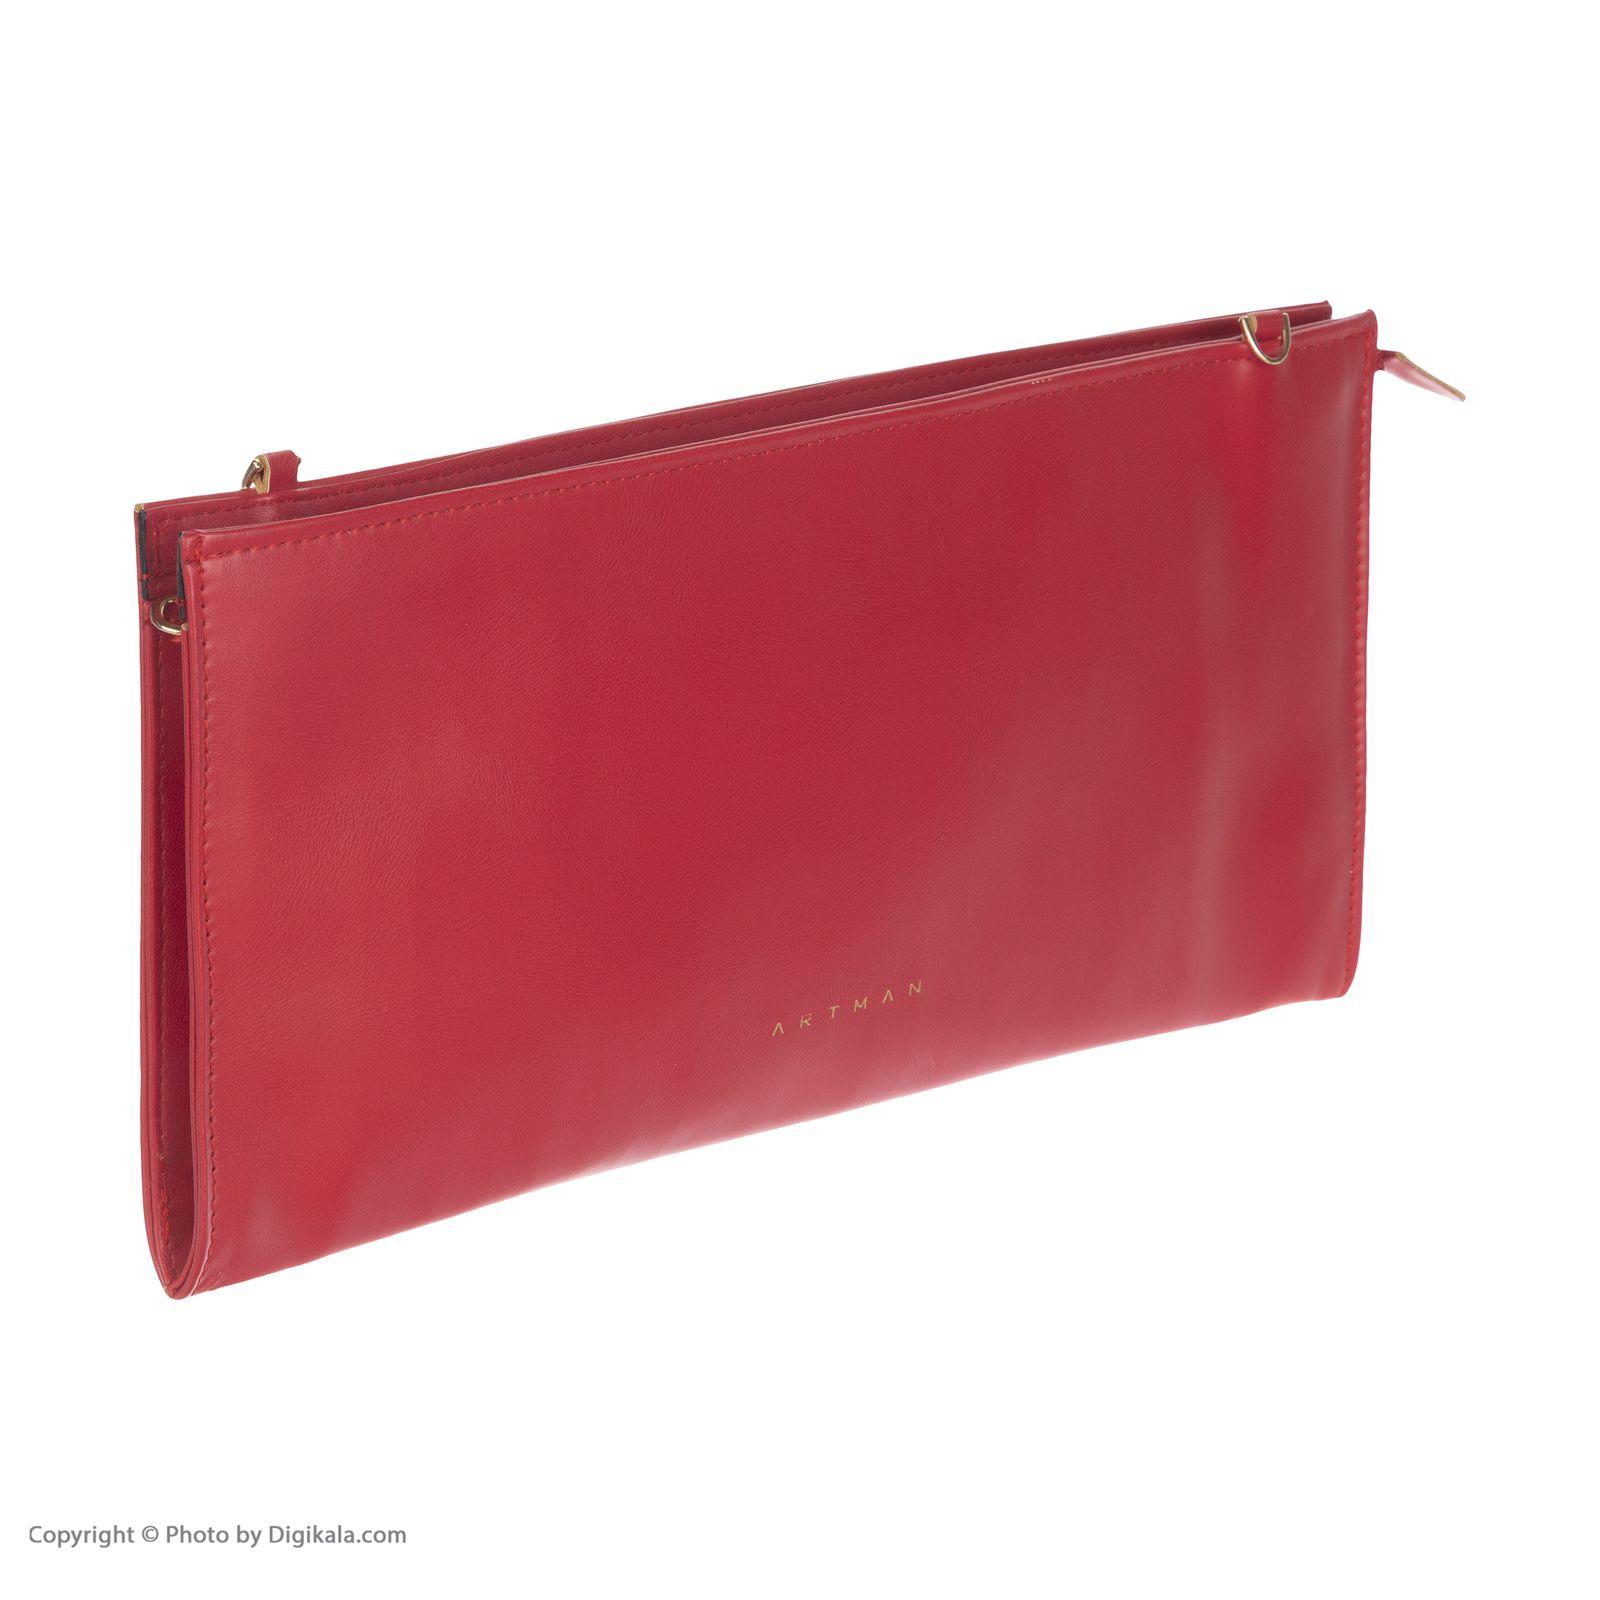 کیف دستی زنانه آرتمن مدل 36055 -  - 4